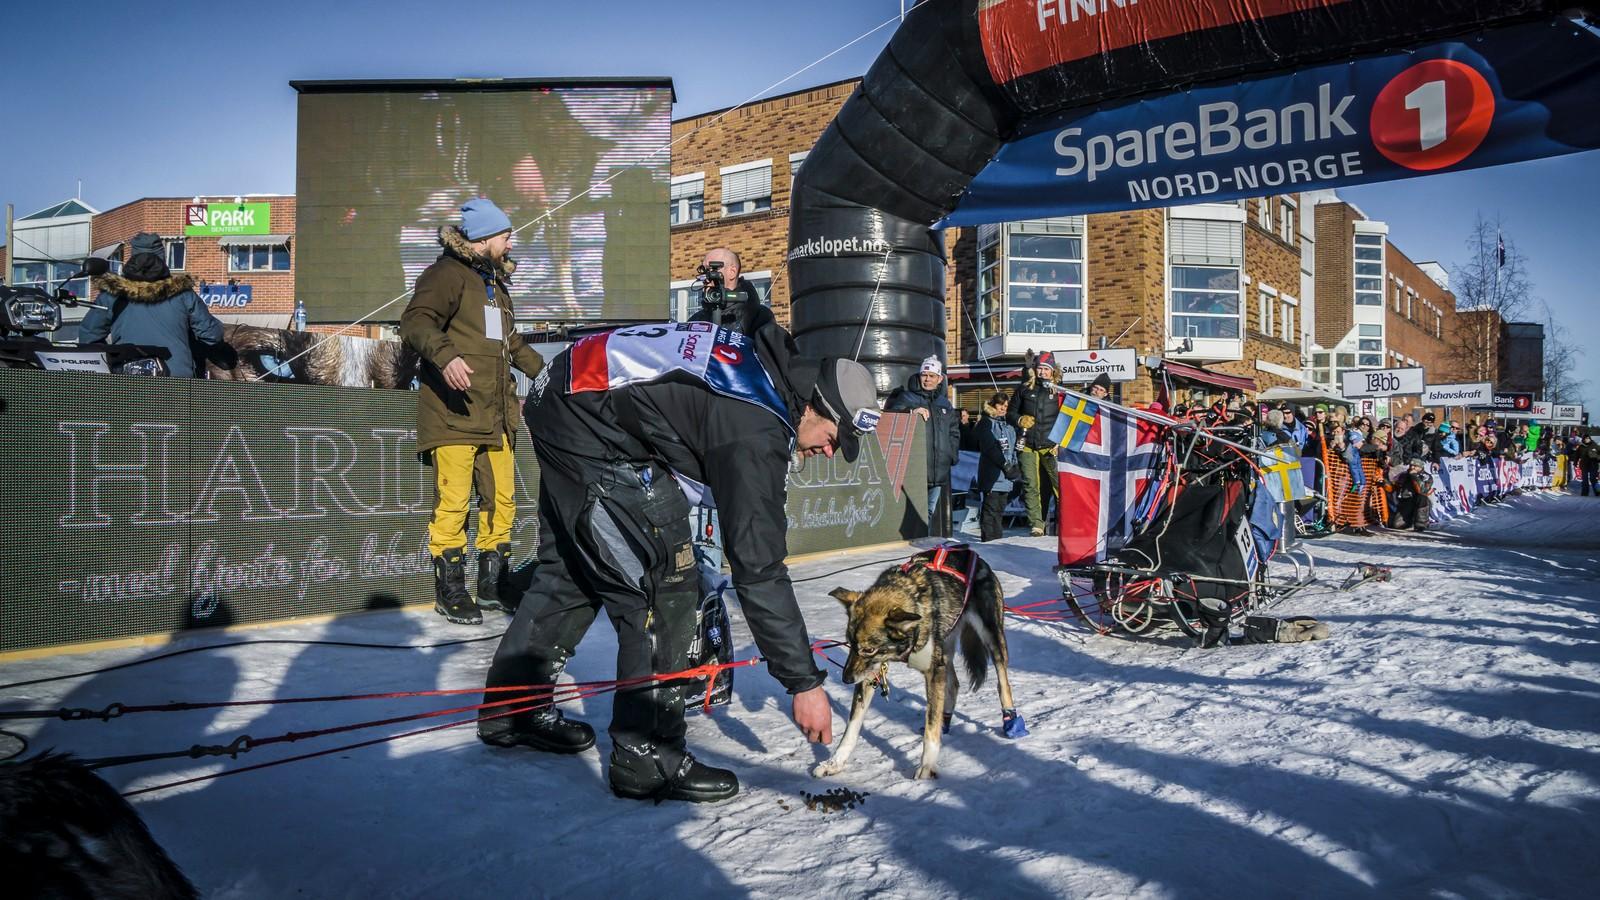 Det første Karlsson ville gjøre etter målgang, var å gi hundene en liten matbit.